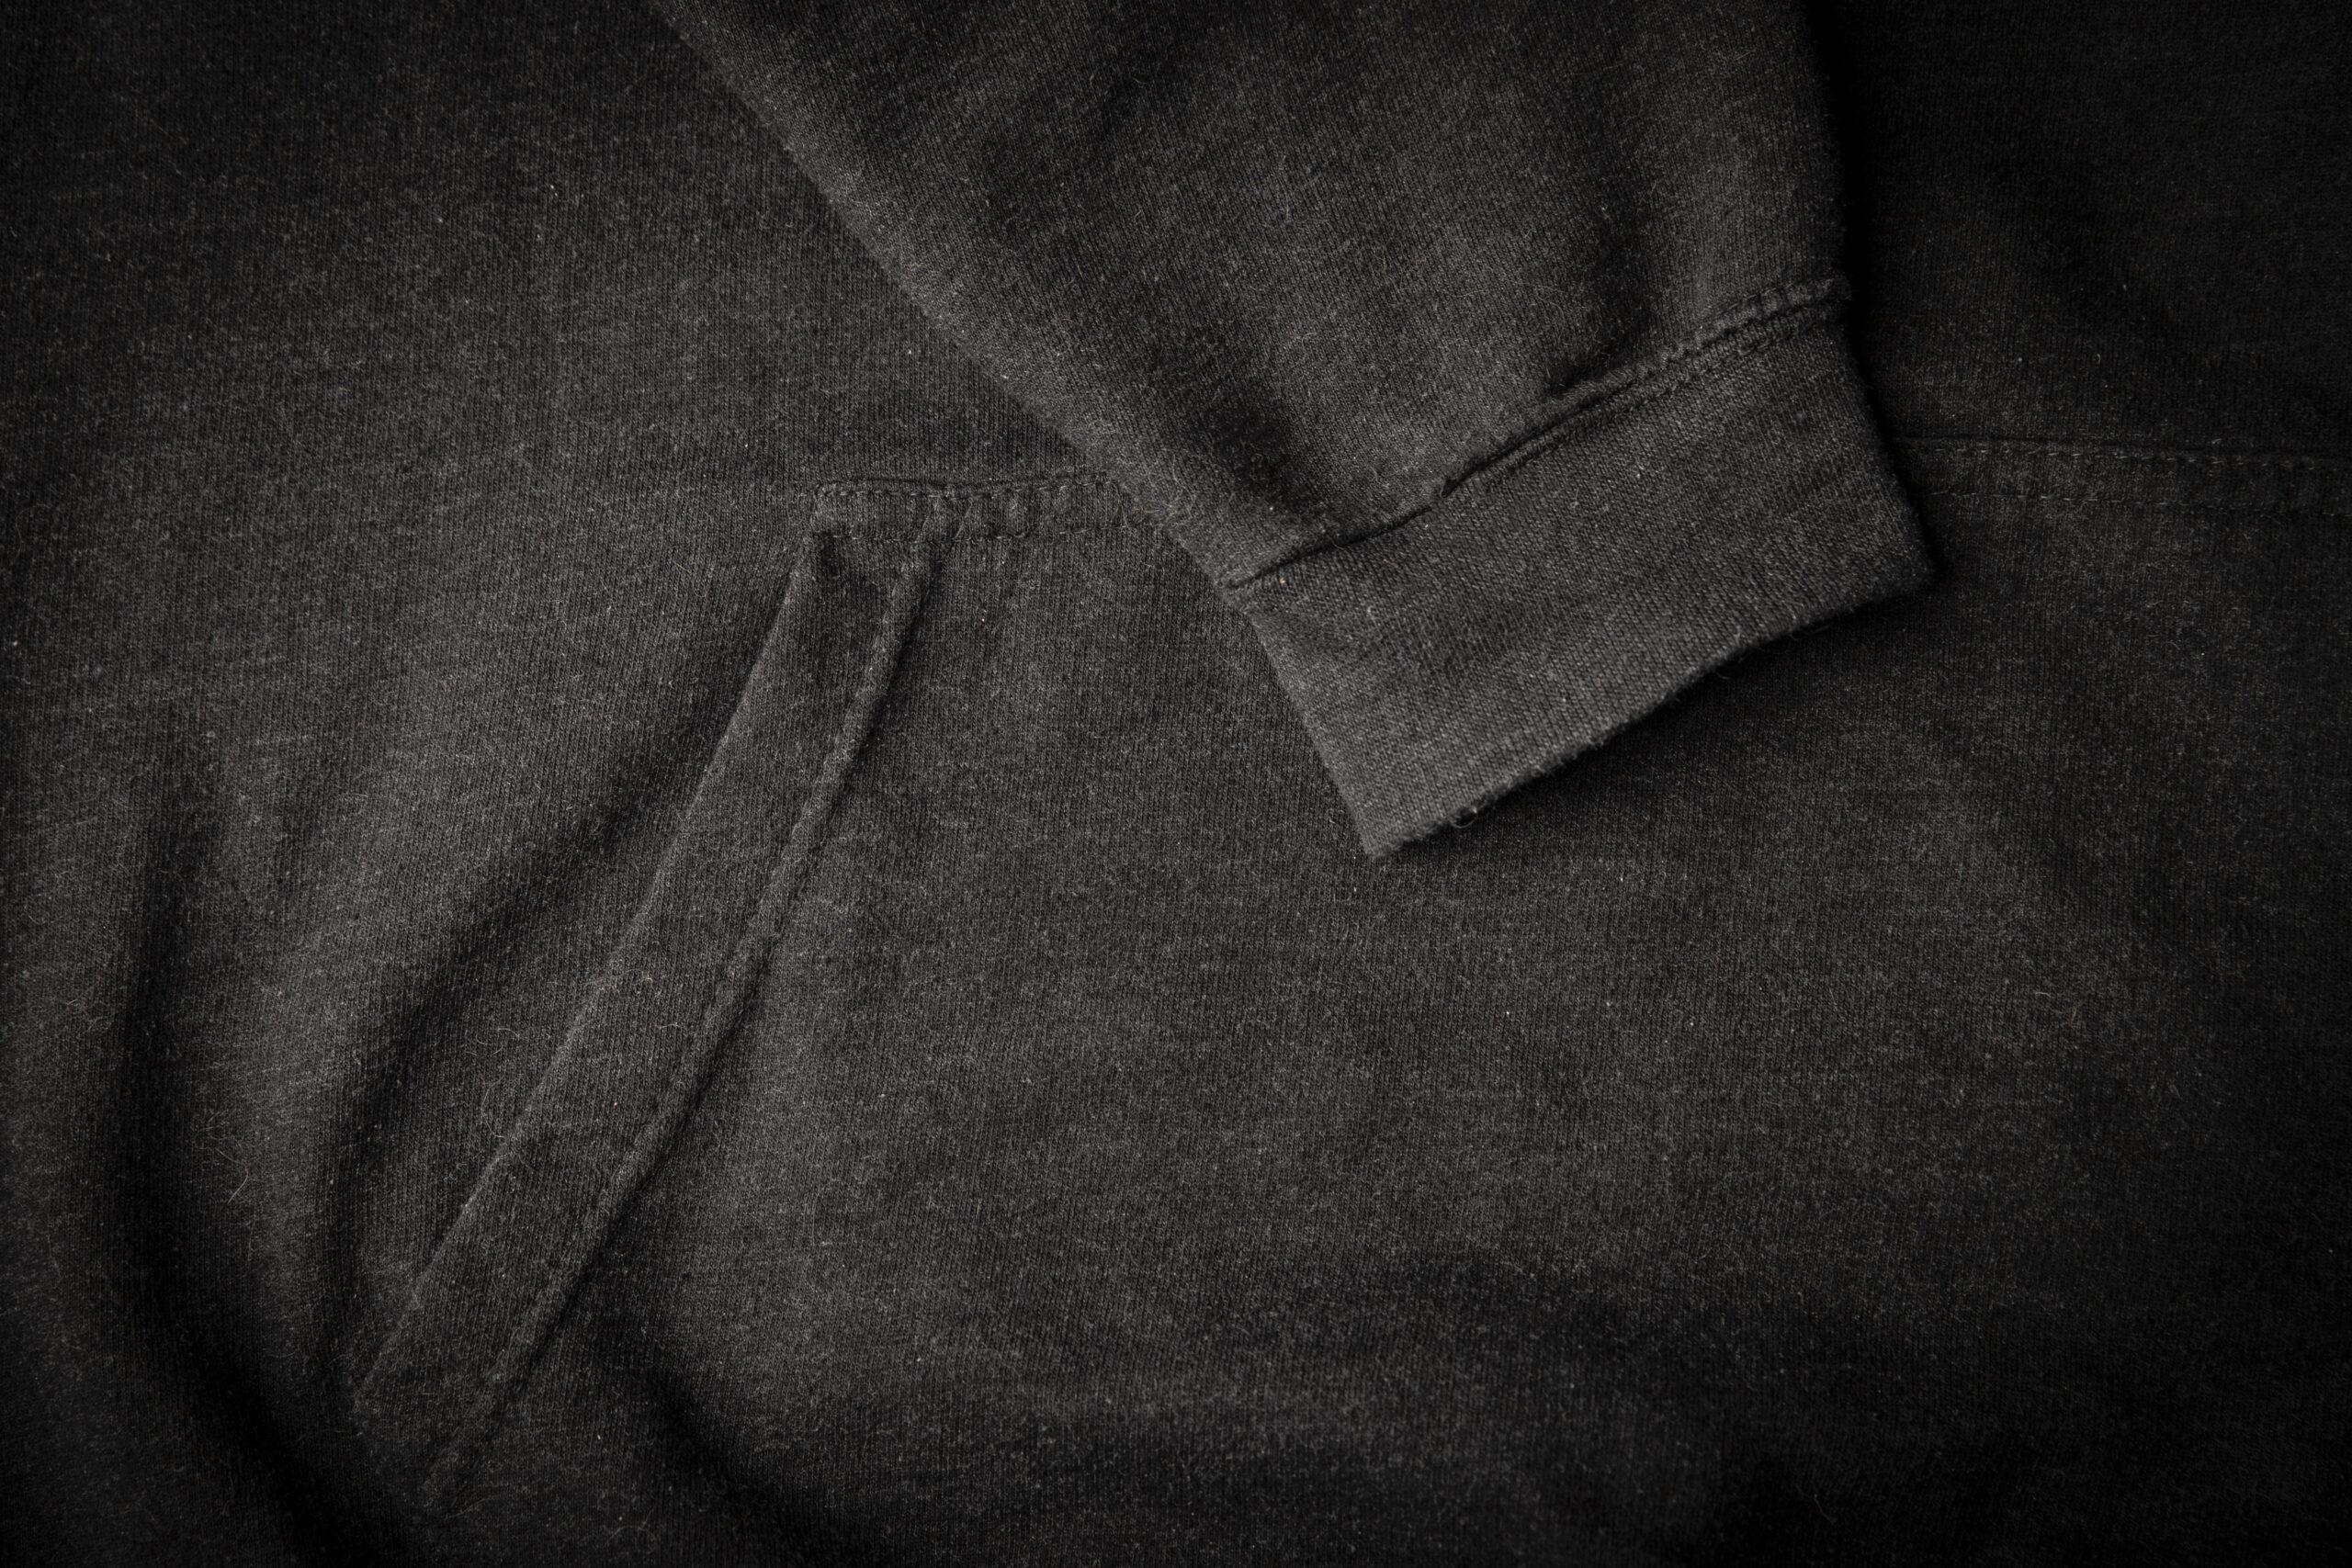 Black Hoodie Detail 2